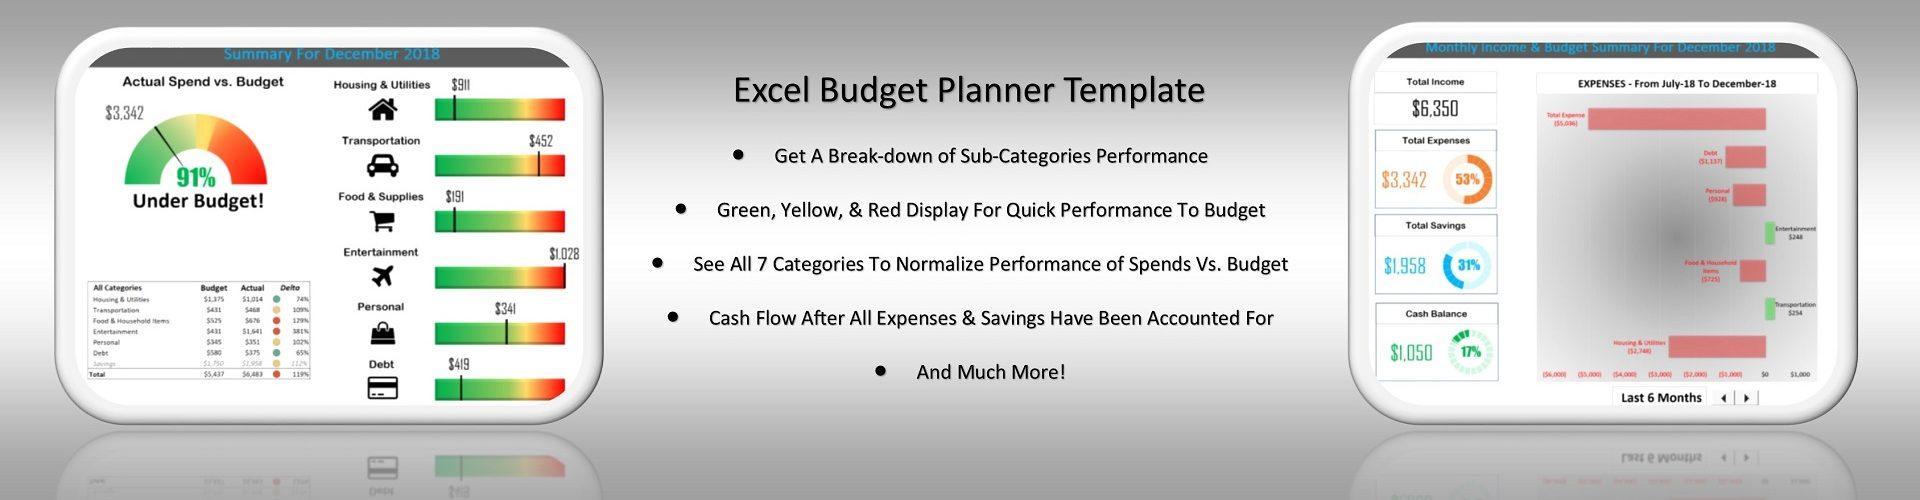 Excel Budget Planner Dashboard Mega Slider 1920x512